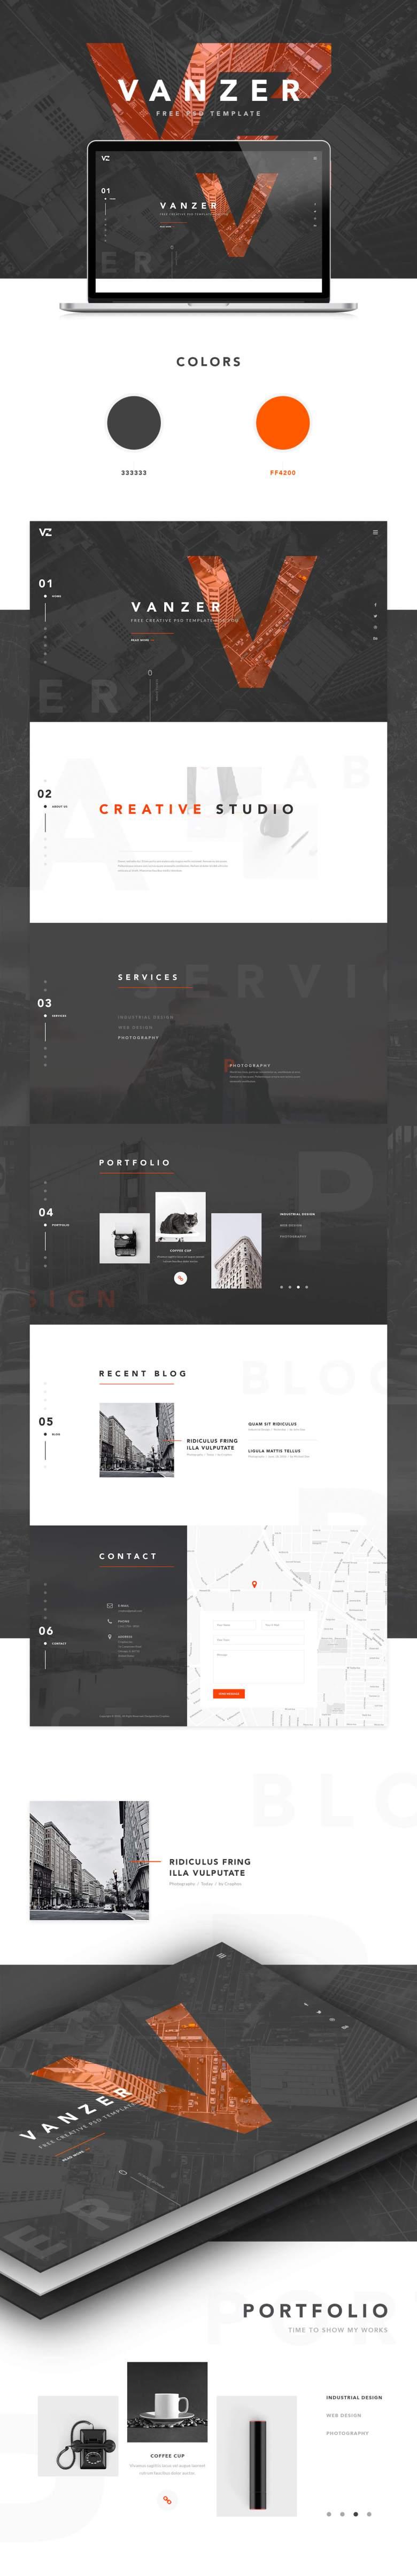 Vanzer-FREE-PSD-Portfolio-Website